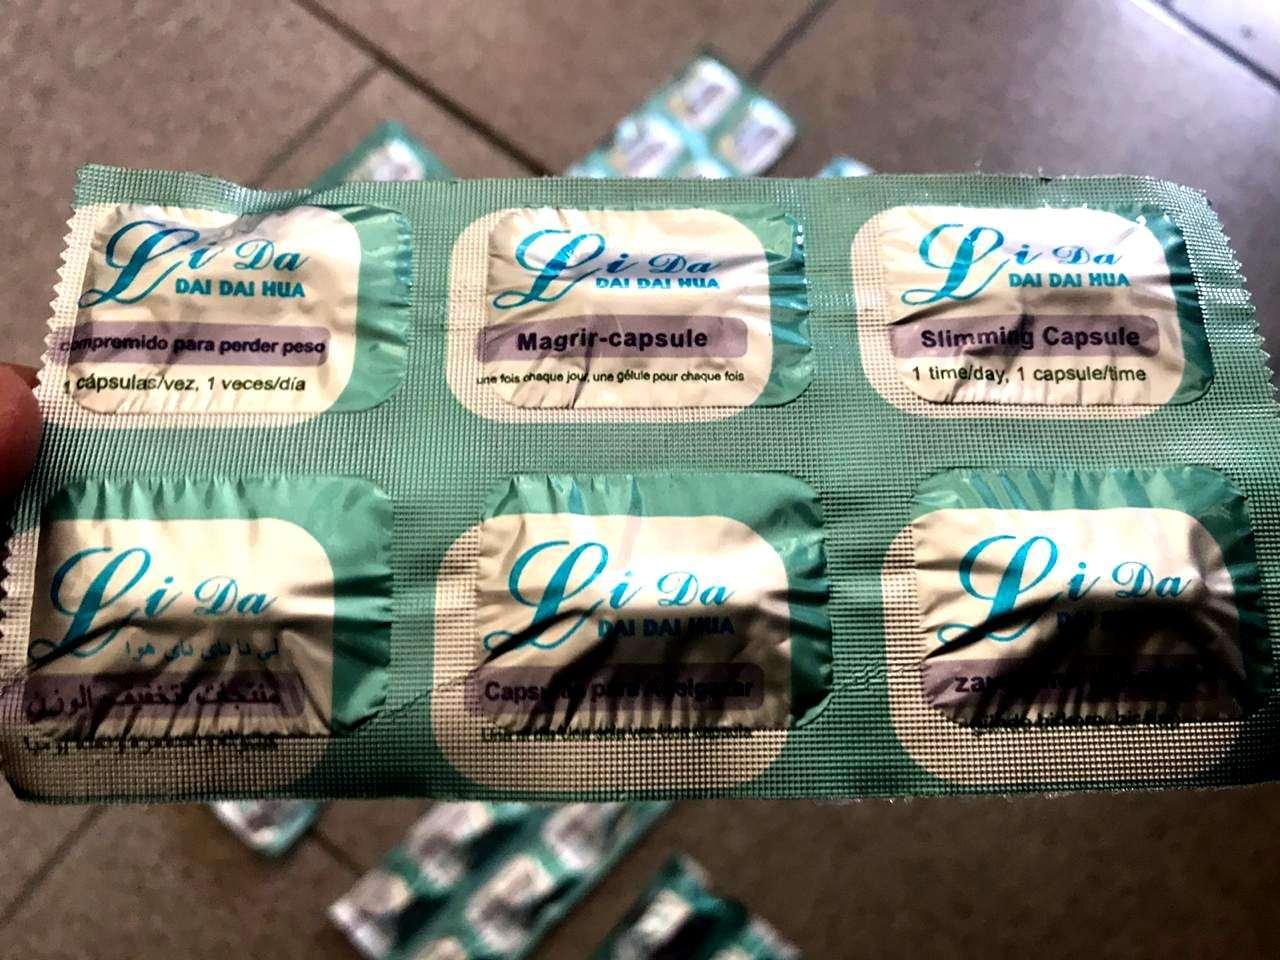 В Новороссийске обнаружили наркотические товары для похудения